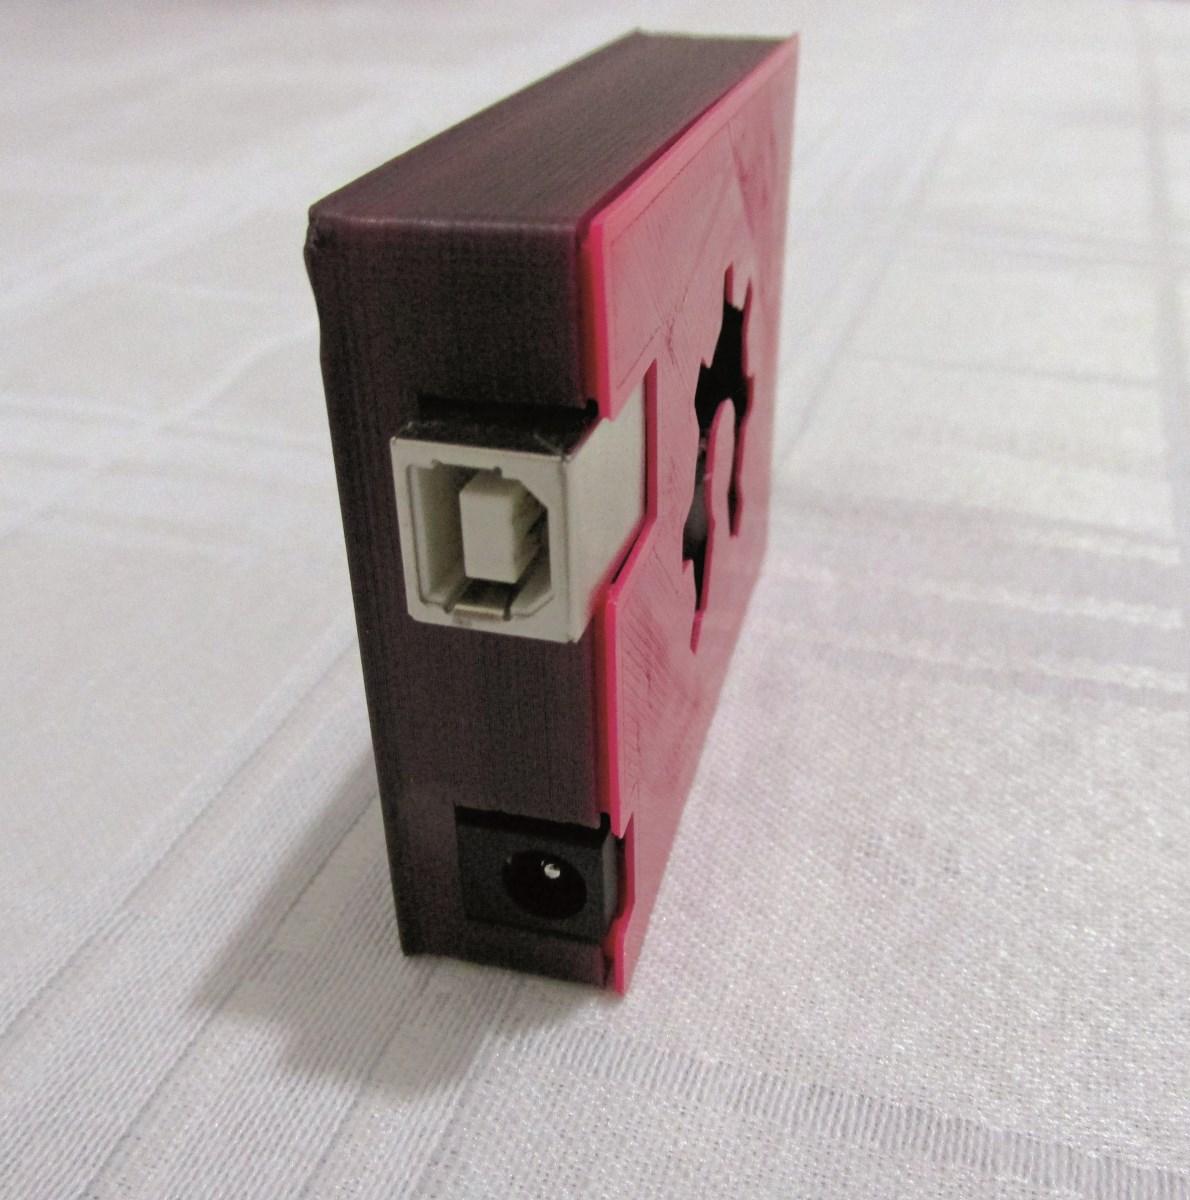 Plástico Moderno, Caixa para eletrônicos feita com filamentos fundidos de ABS pela Printgreen 3D